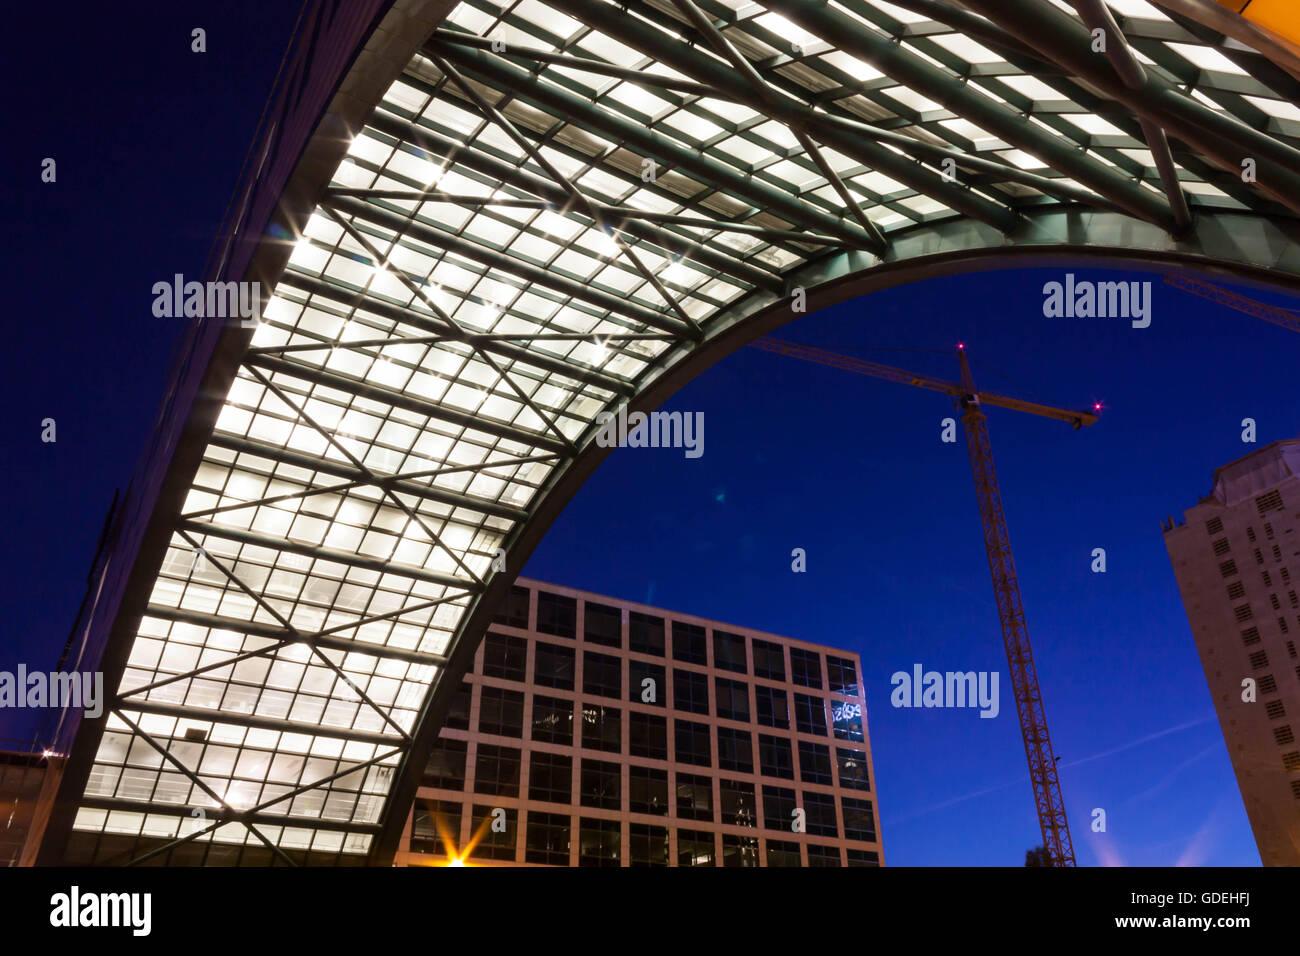 Architektonische Besonderheit, den Haag, Holland Stockfoto